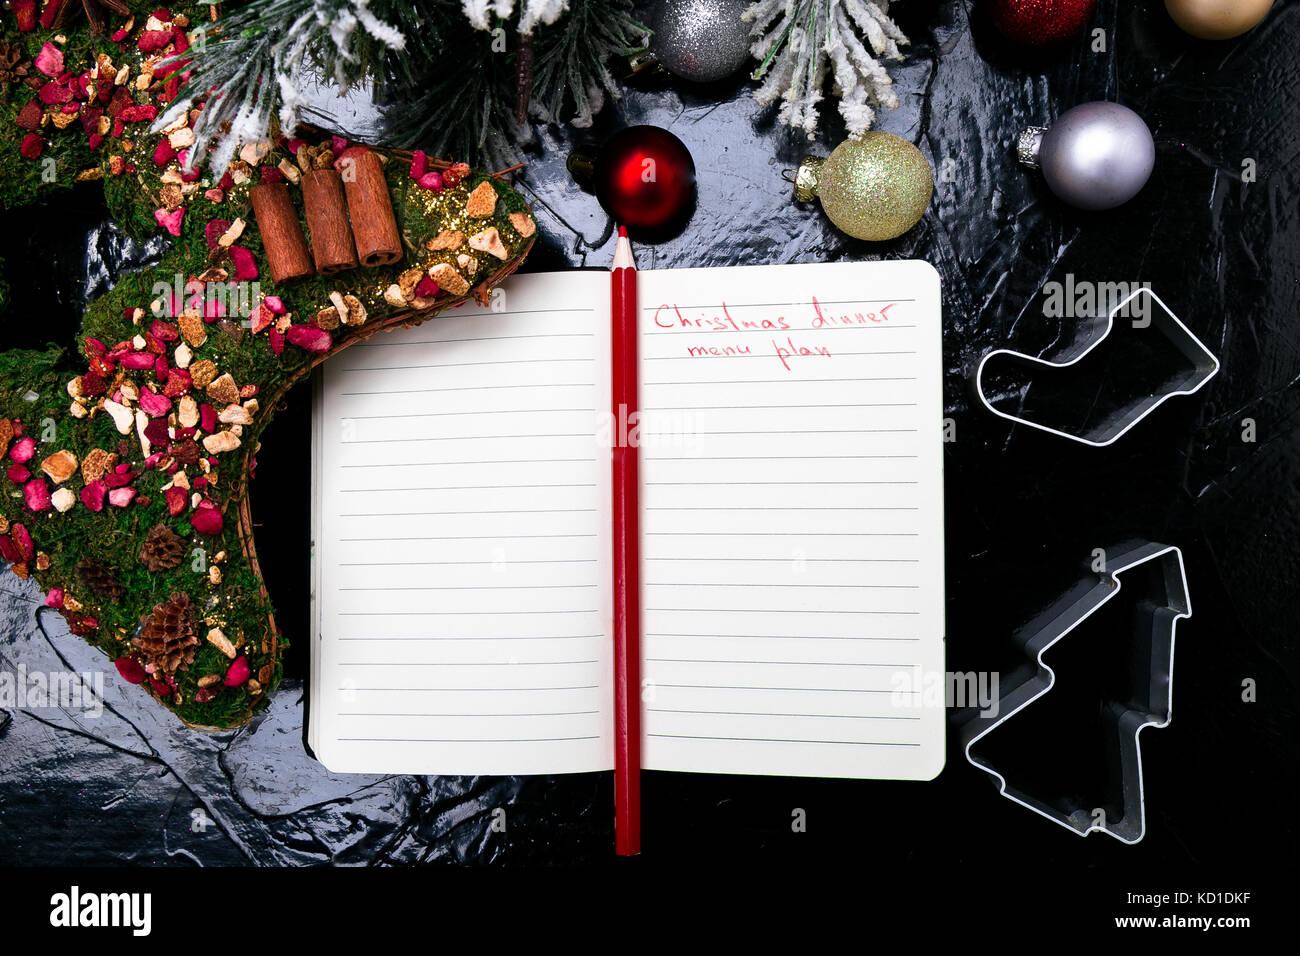 Menü Weihnachten.Weihnachten Menü Plan Hintergrund Für Das Schreiben Der